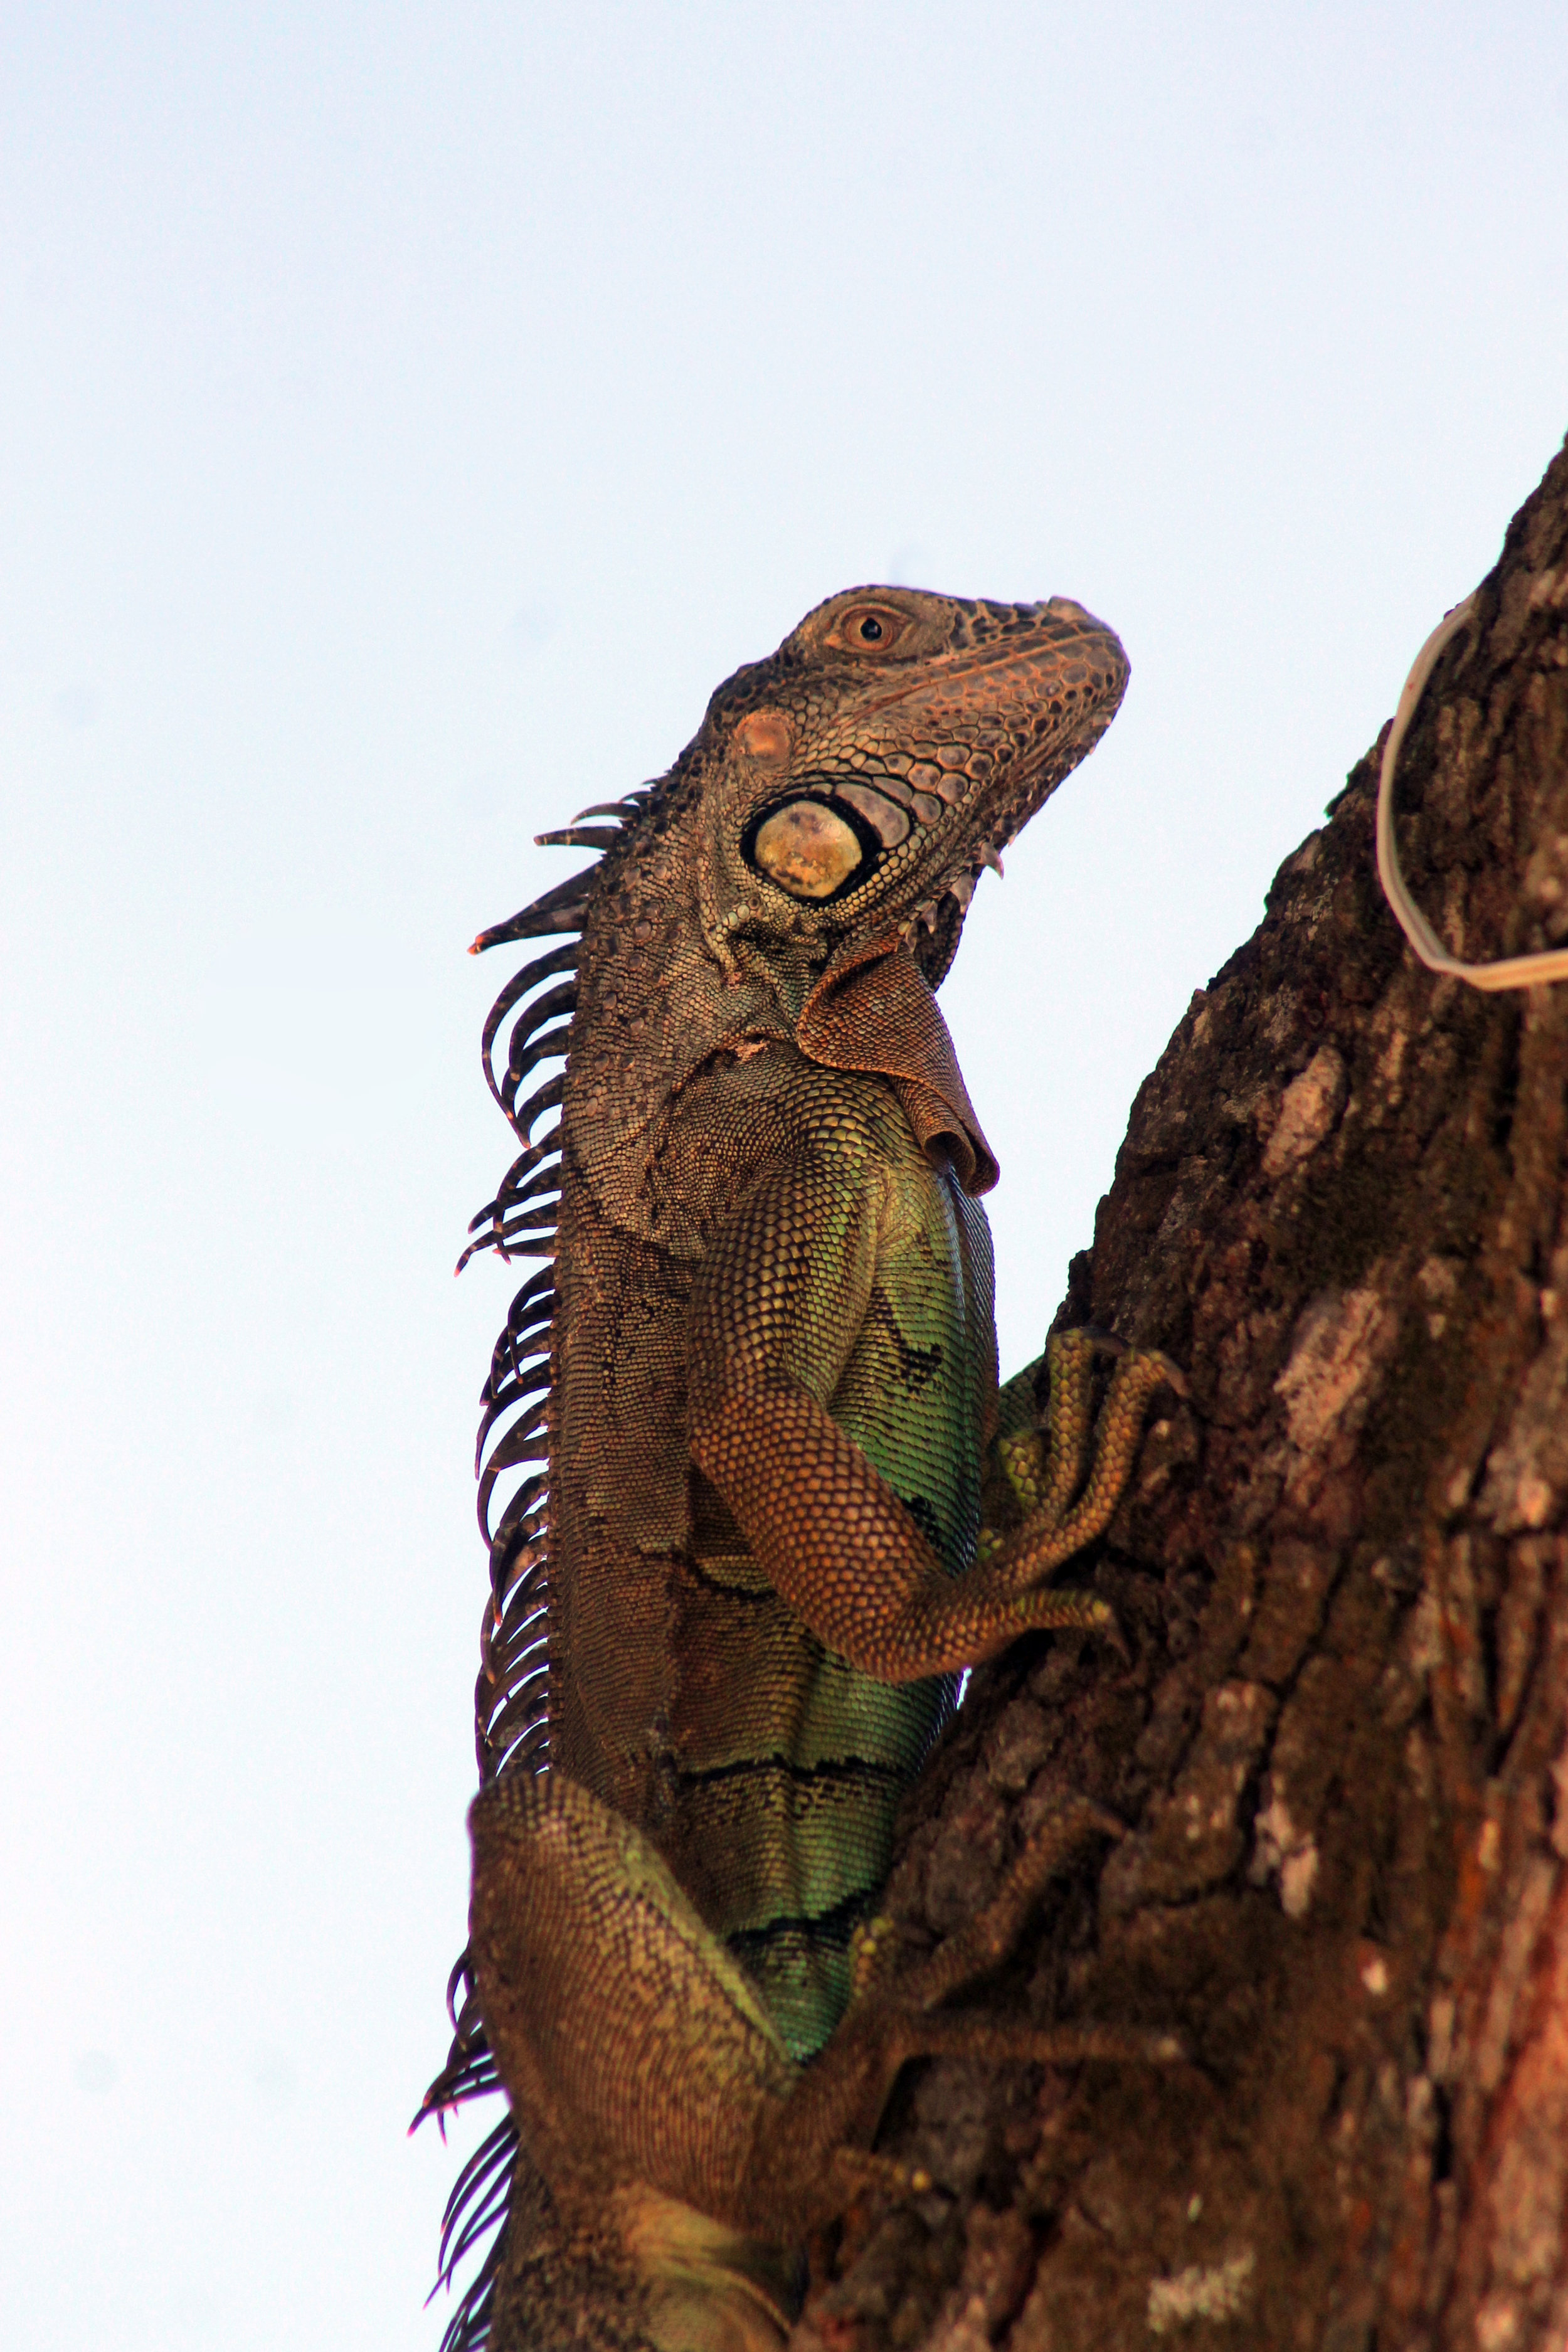 aaa_longtail in tree.jpg